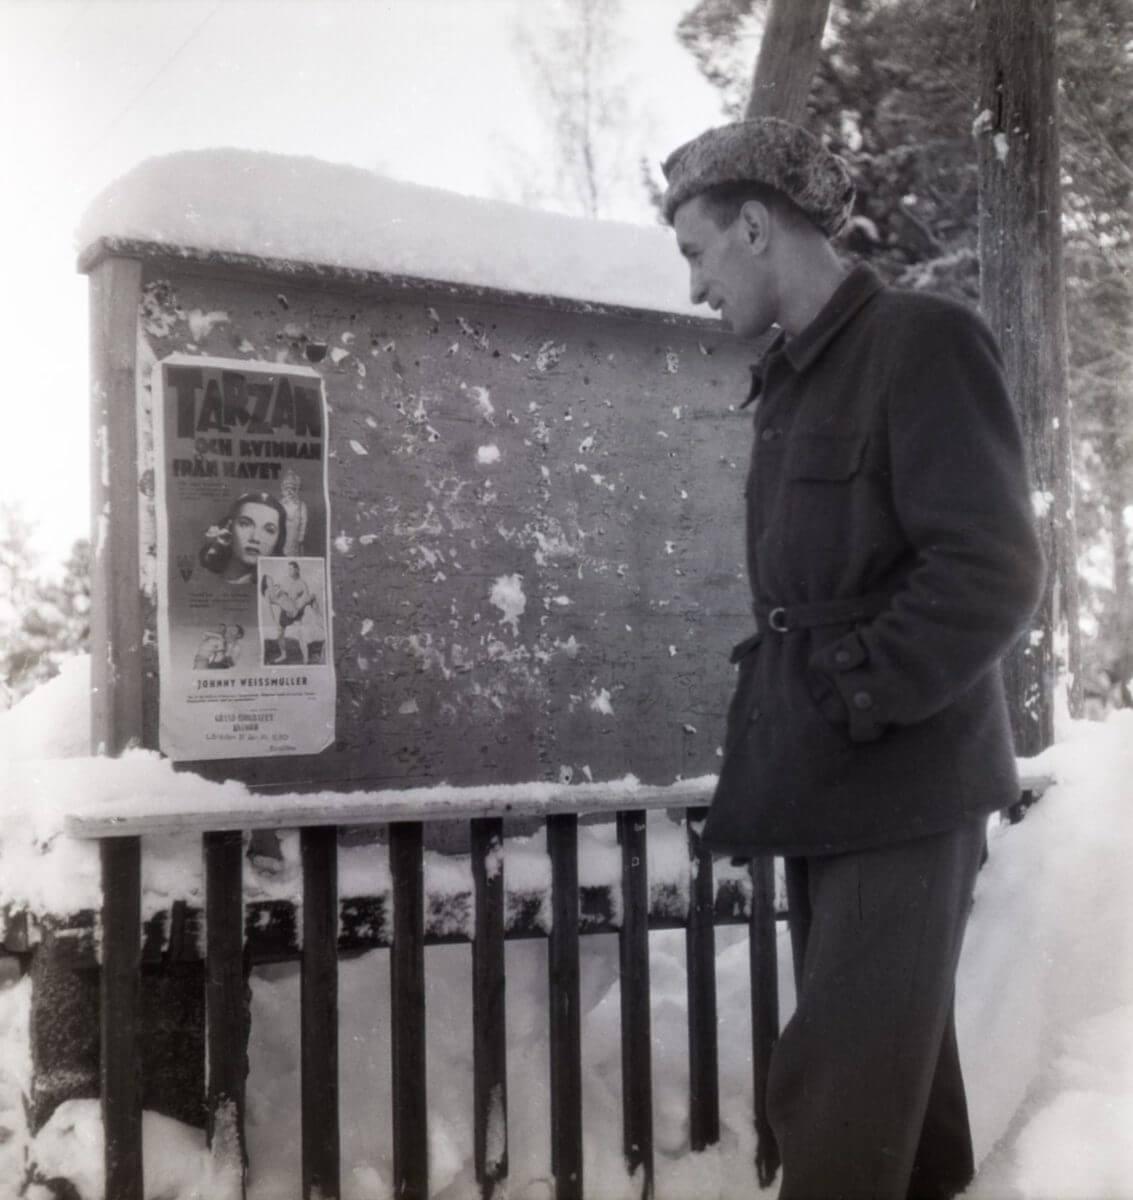 En man står vid en anslagstavla och tittar på en affisch.